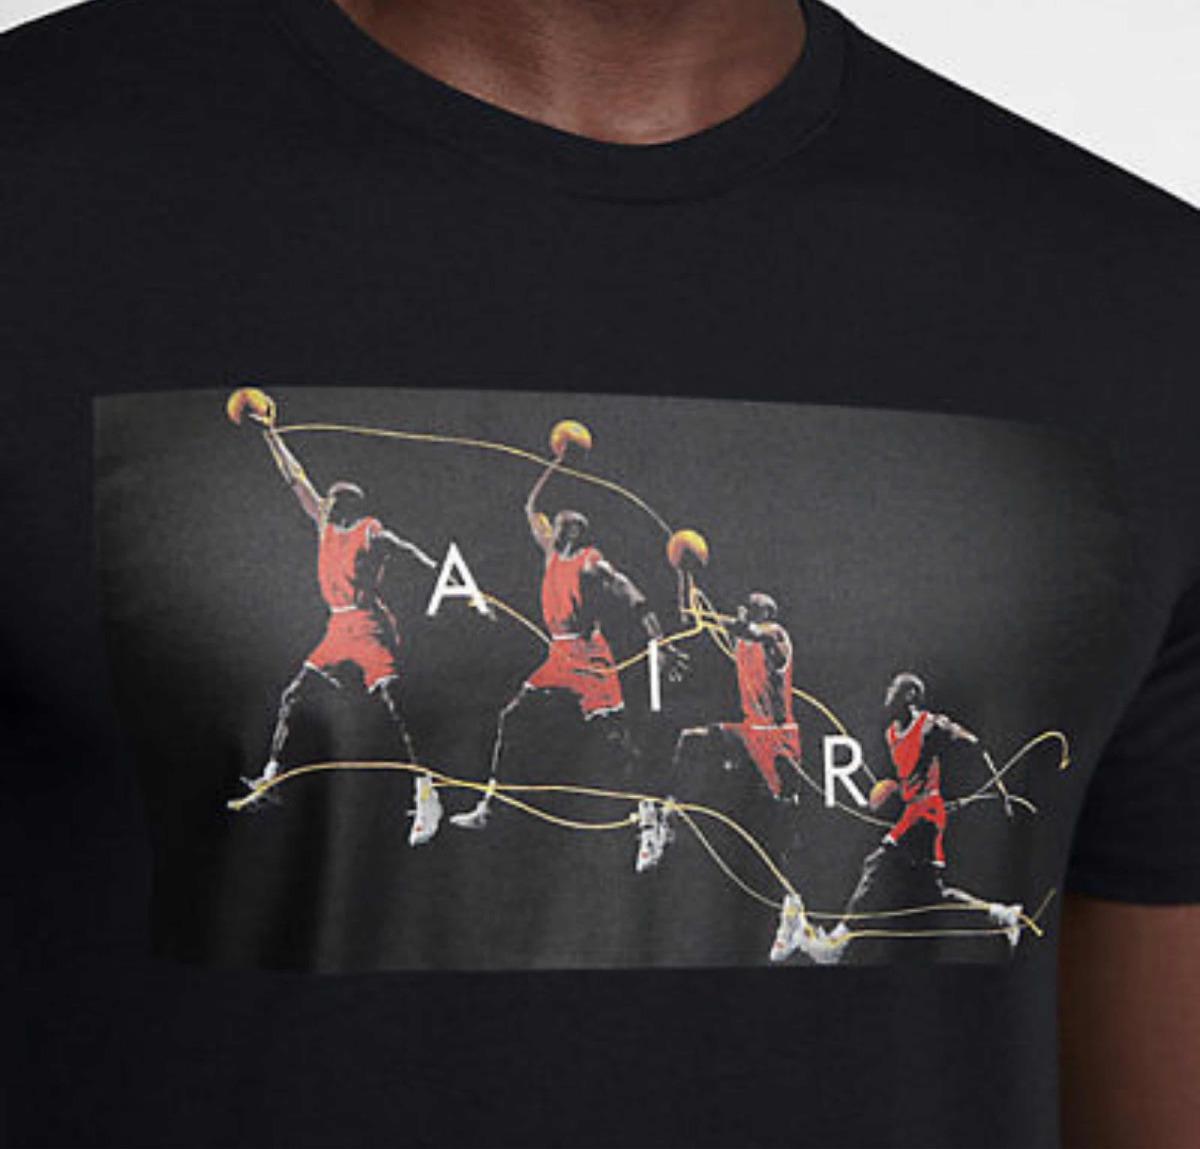 camisa nike air jordan - tamanho xxl - nova com etiquetas. Carregando zoom. 453acd6ae76